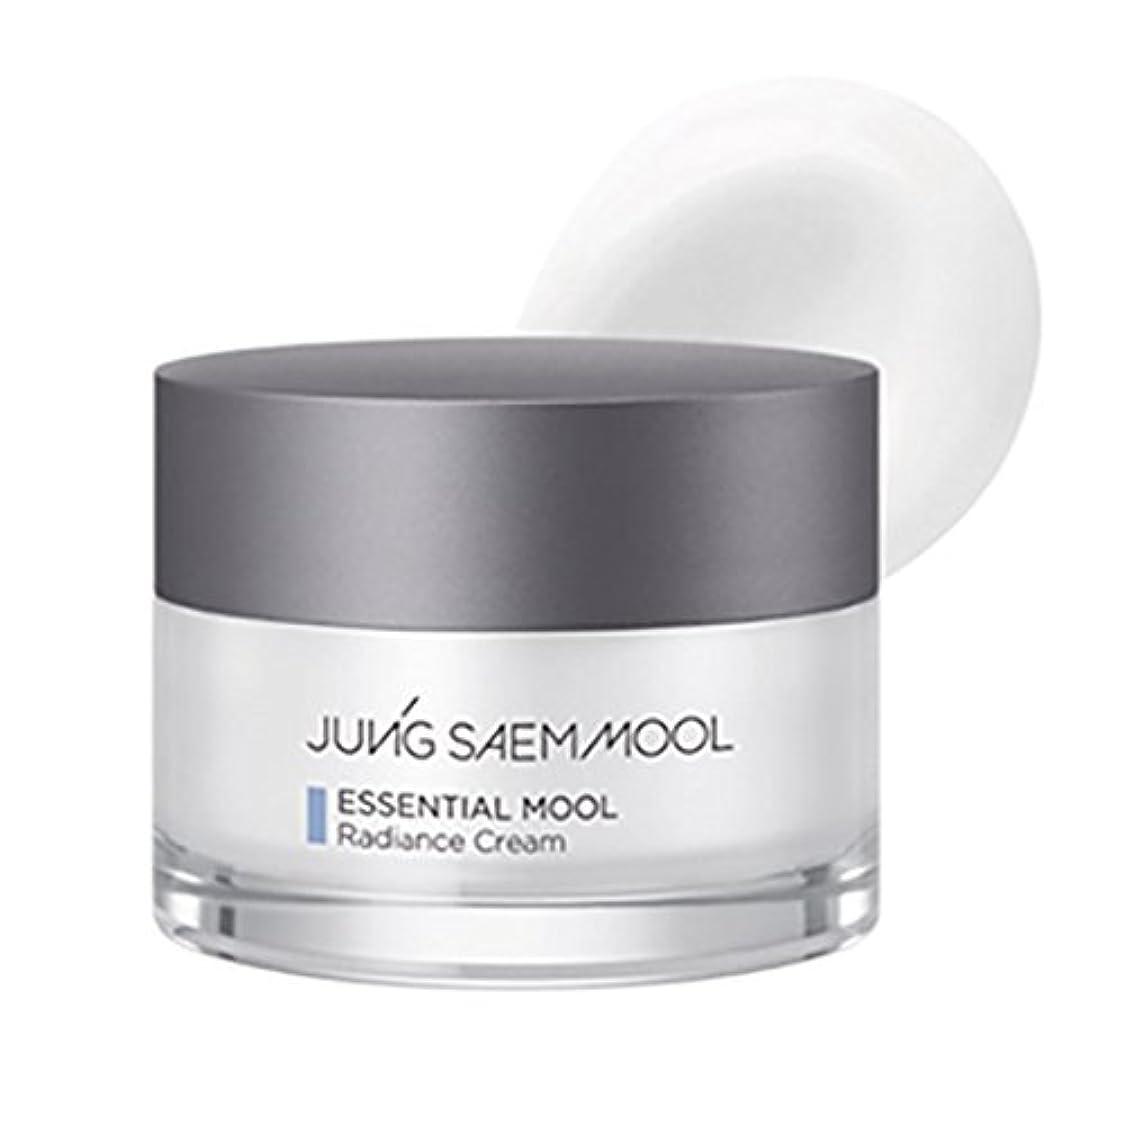 楽観シニスサイトライン[ジョンセンムル]JUNGSAEMMOOL NEWエッセンシャルムルラディアンスクリーム 50ml 海外直送品 Essential Mool Radiance Cream 50ml [並行輸入品]